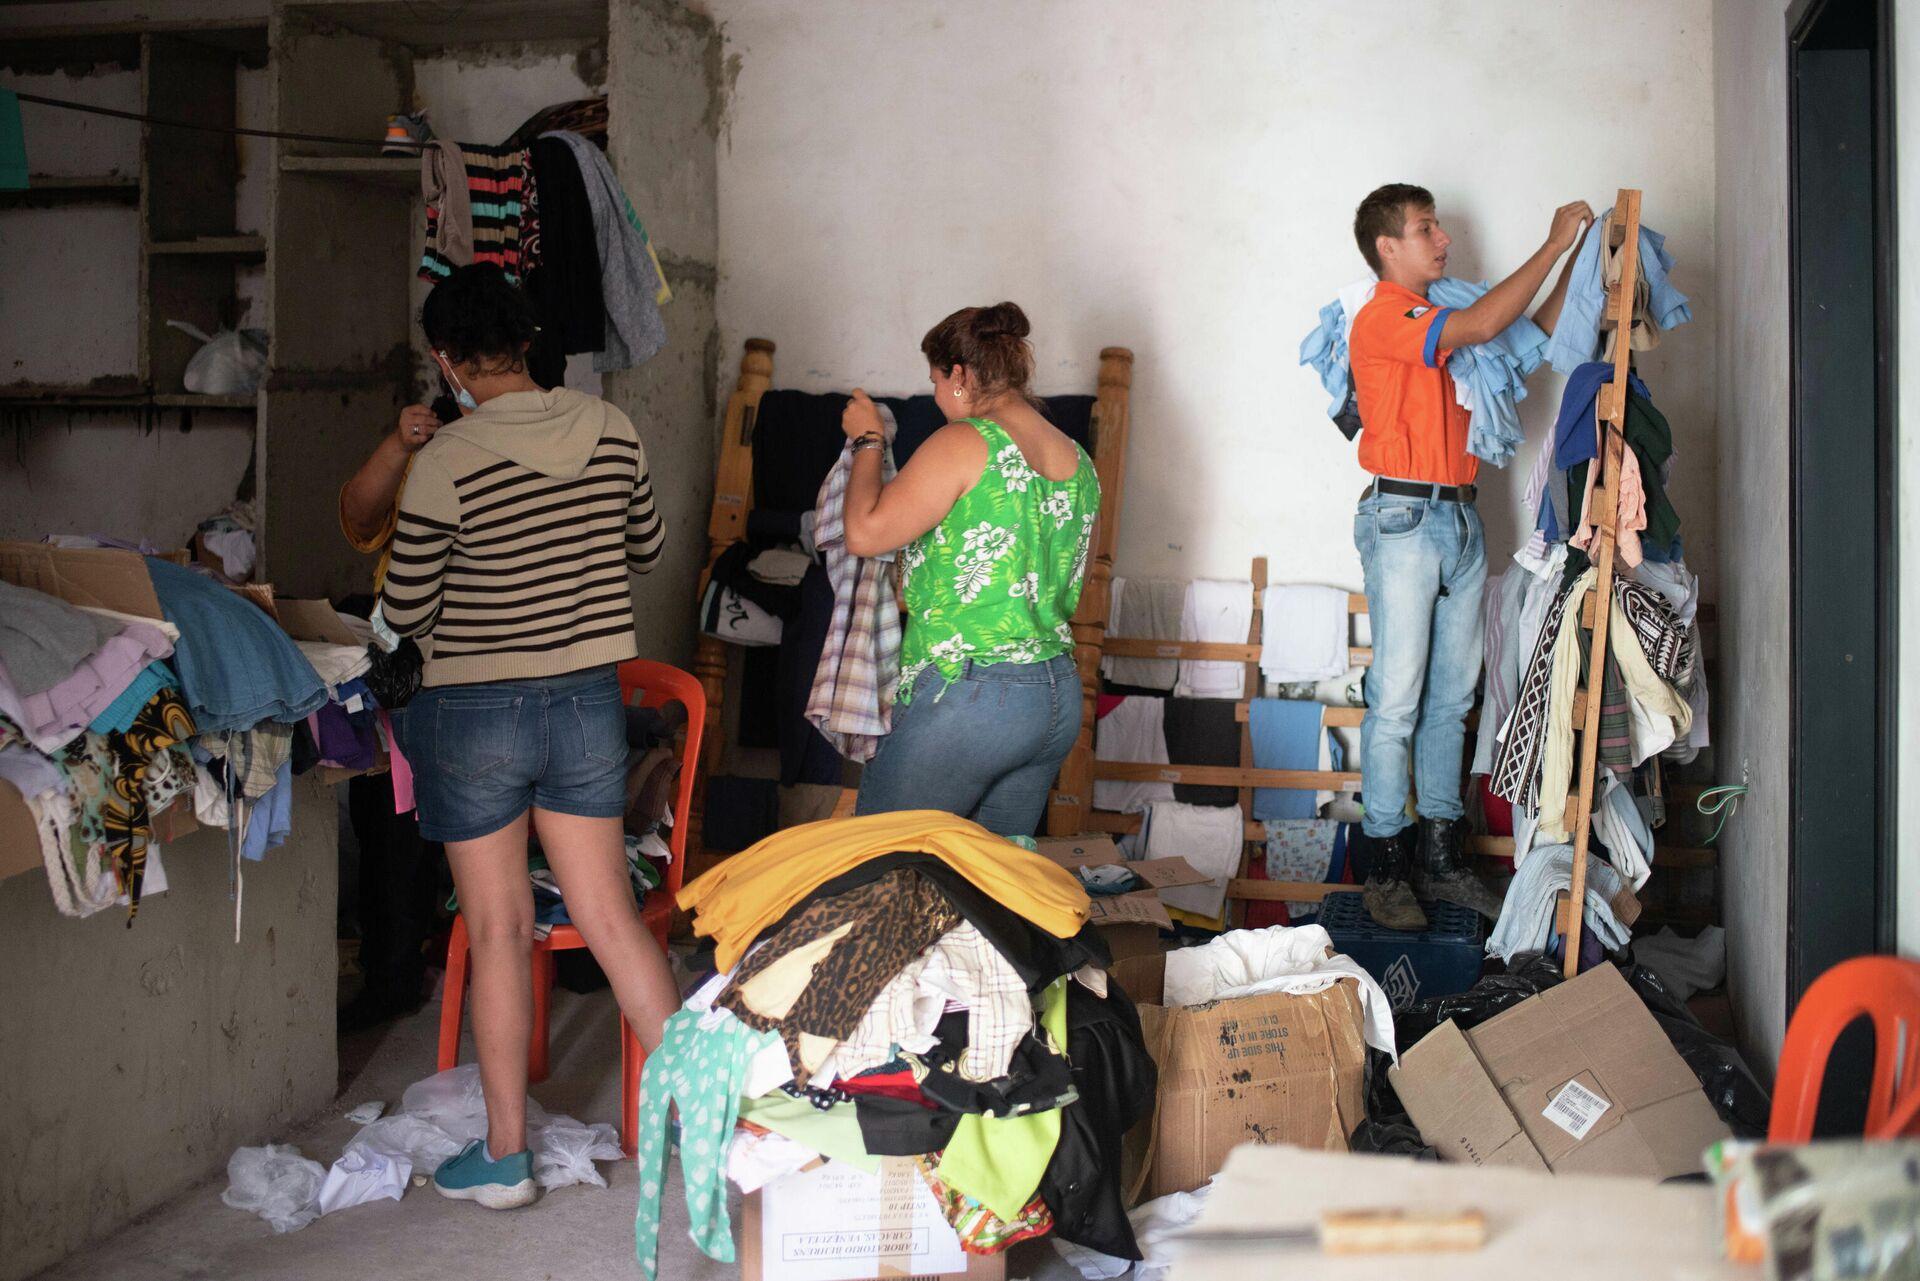 Venezolanos unen fuerzas para recuperar sus casas tras las fuertes lluvias - Sputnik Mundo, 1920, 04.09.2021